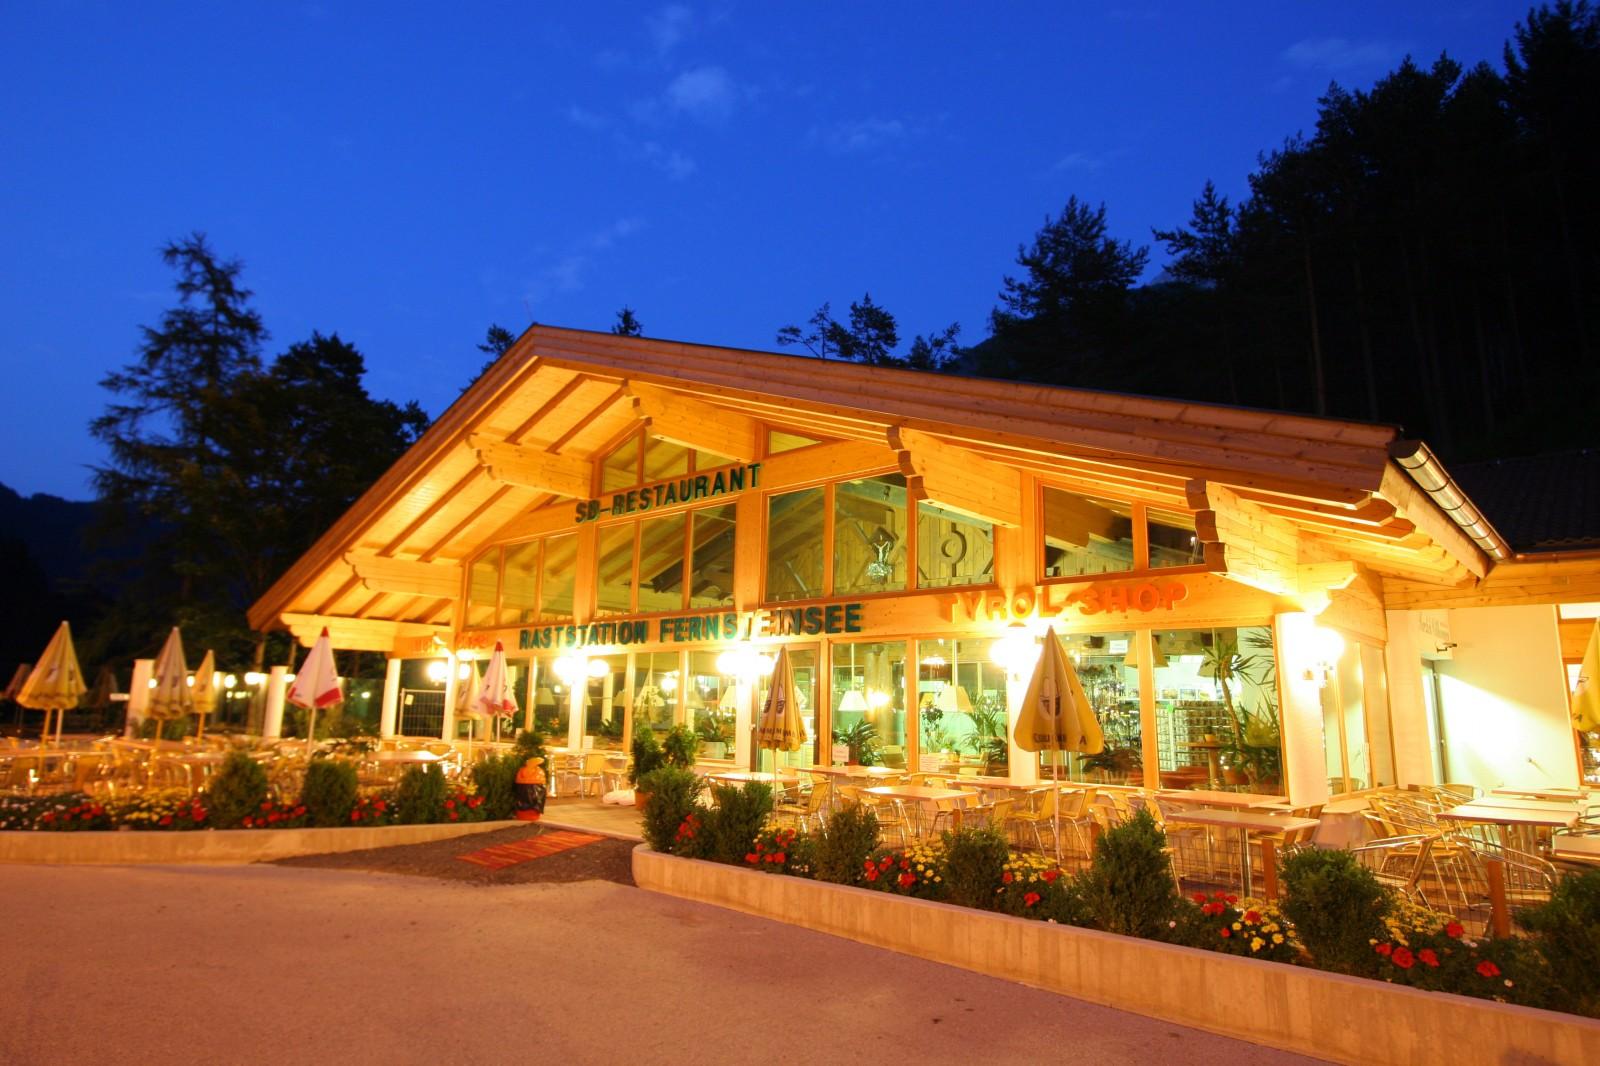 Hotel Schloss Fernsteinsee SB-Restaurant